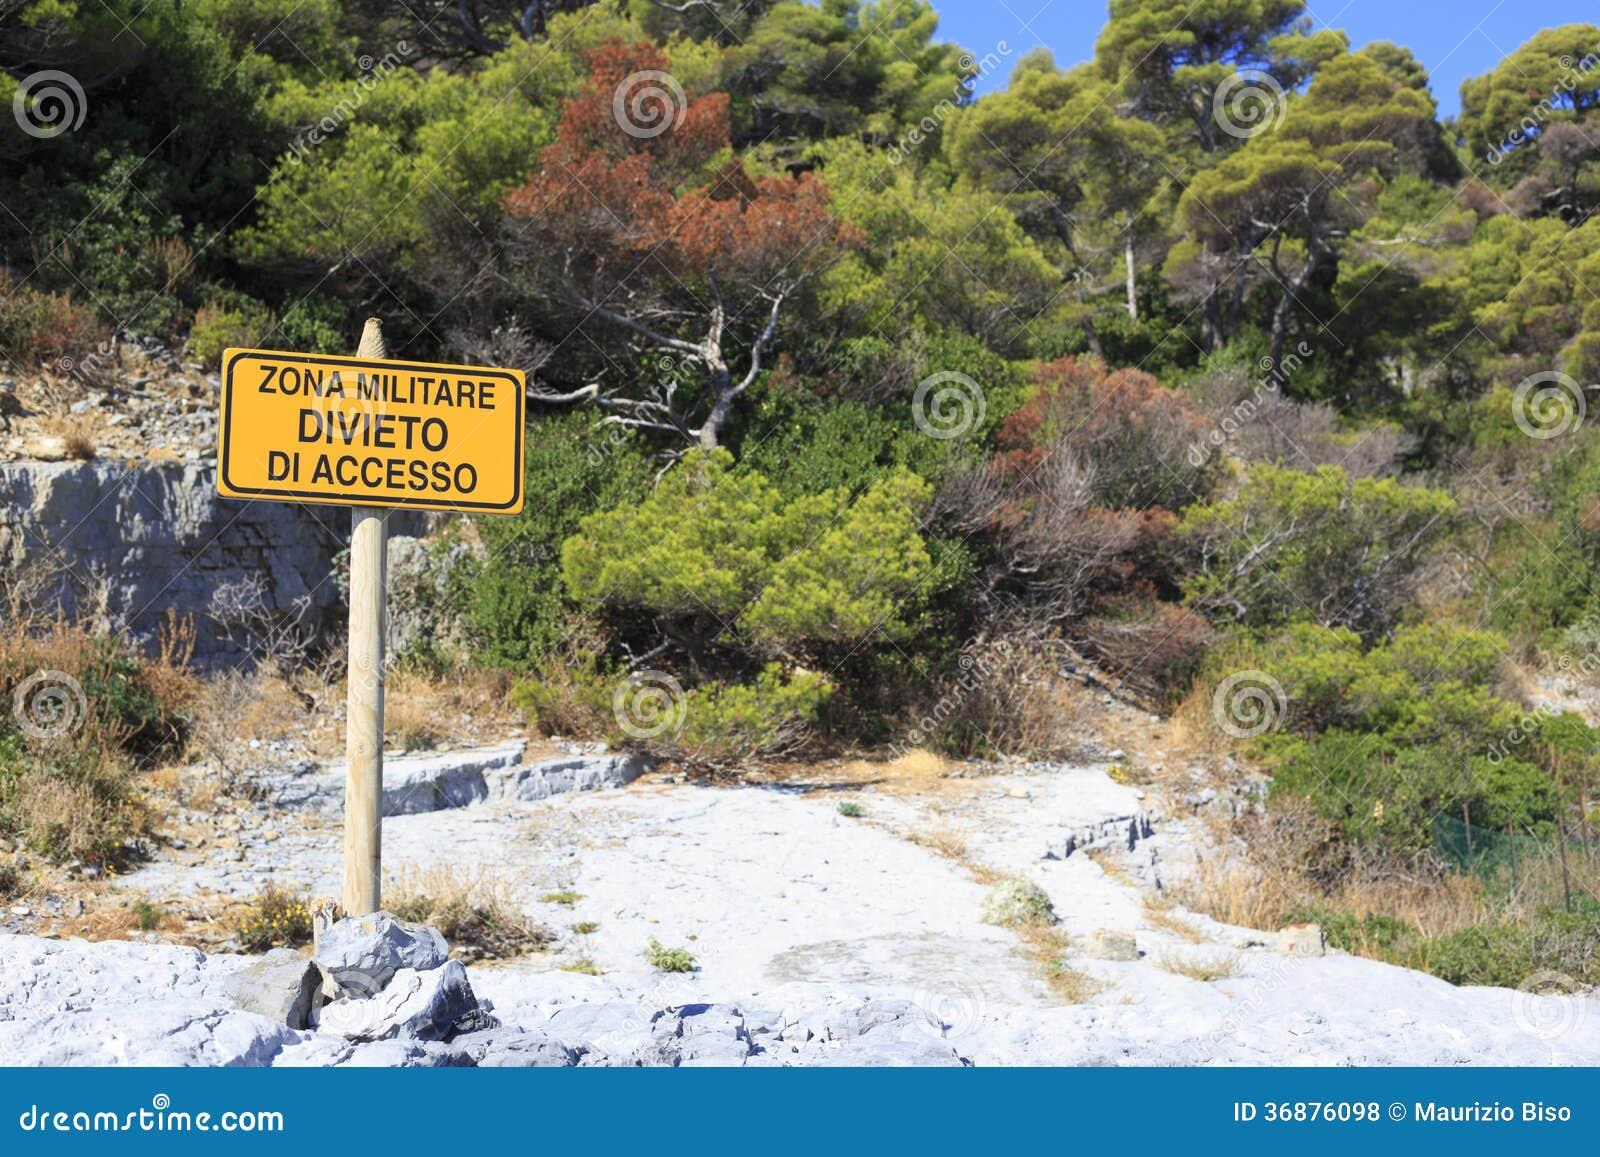 Download Area militare fotografia stock. Immagine di segno, italia - 36876098